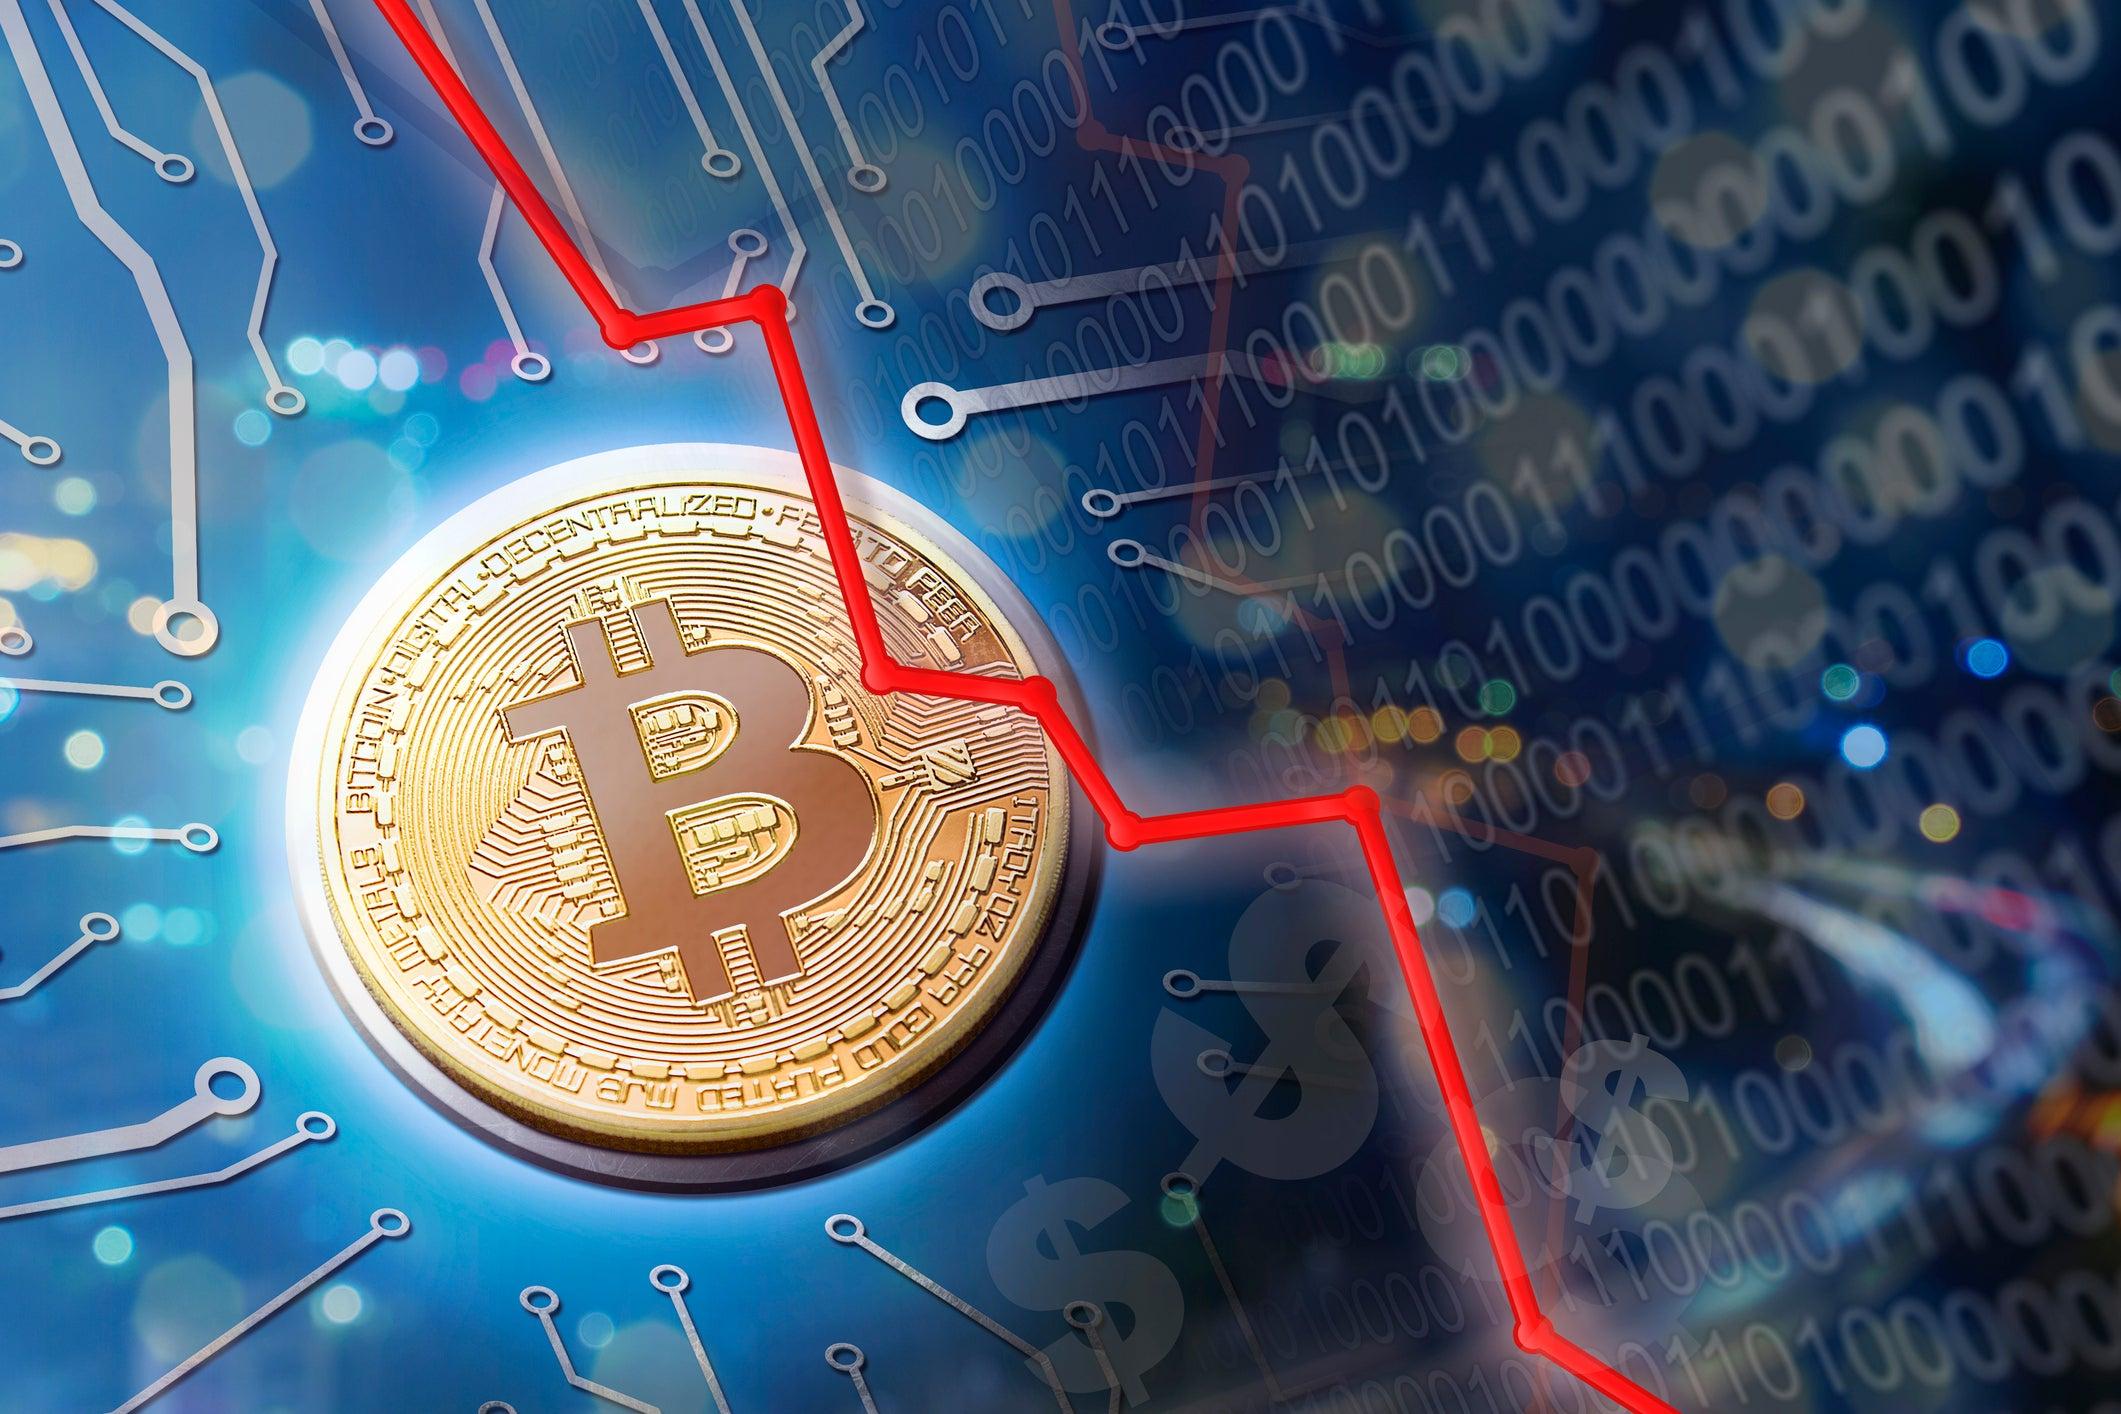 Dự liệu on-chain cho thấy Bitcoin có thể giảm về $ 28.000